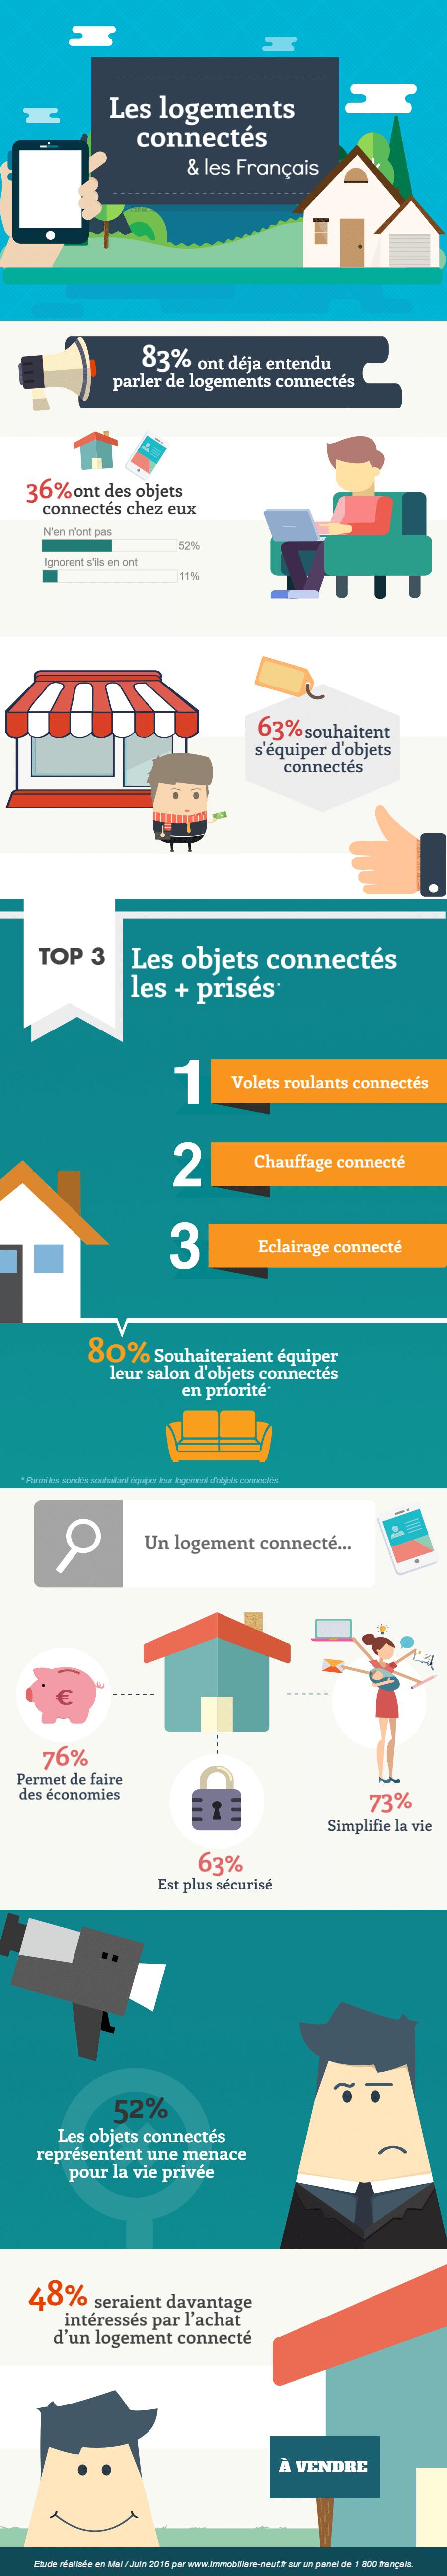 Infographie-les-logements-connectes Infographie : les logements connectés et les Français